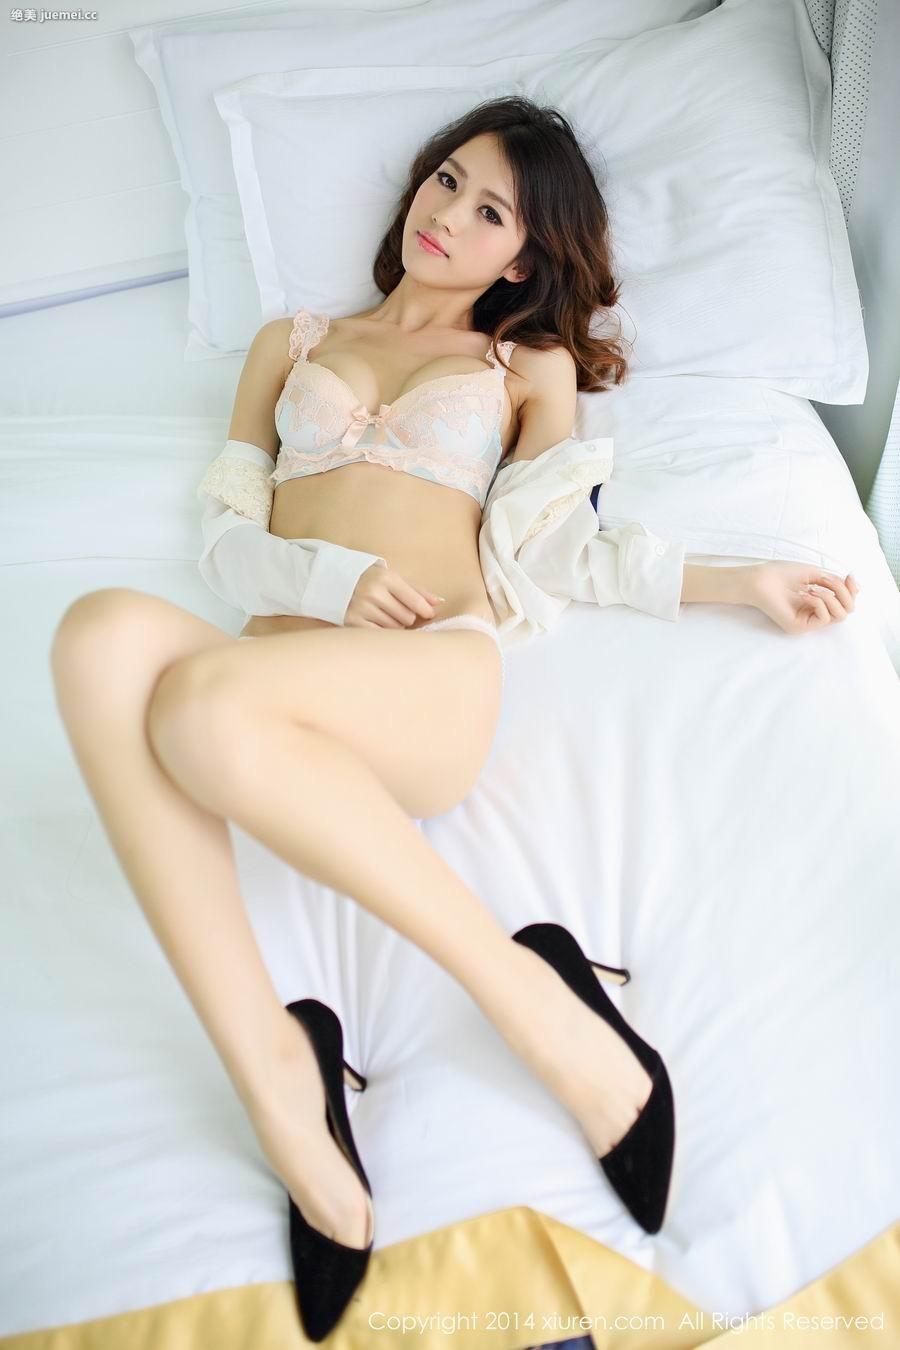 亚洲孕妇人体艺术 清纯护士改制过后散发的性感